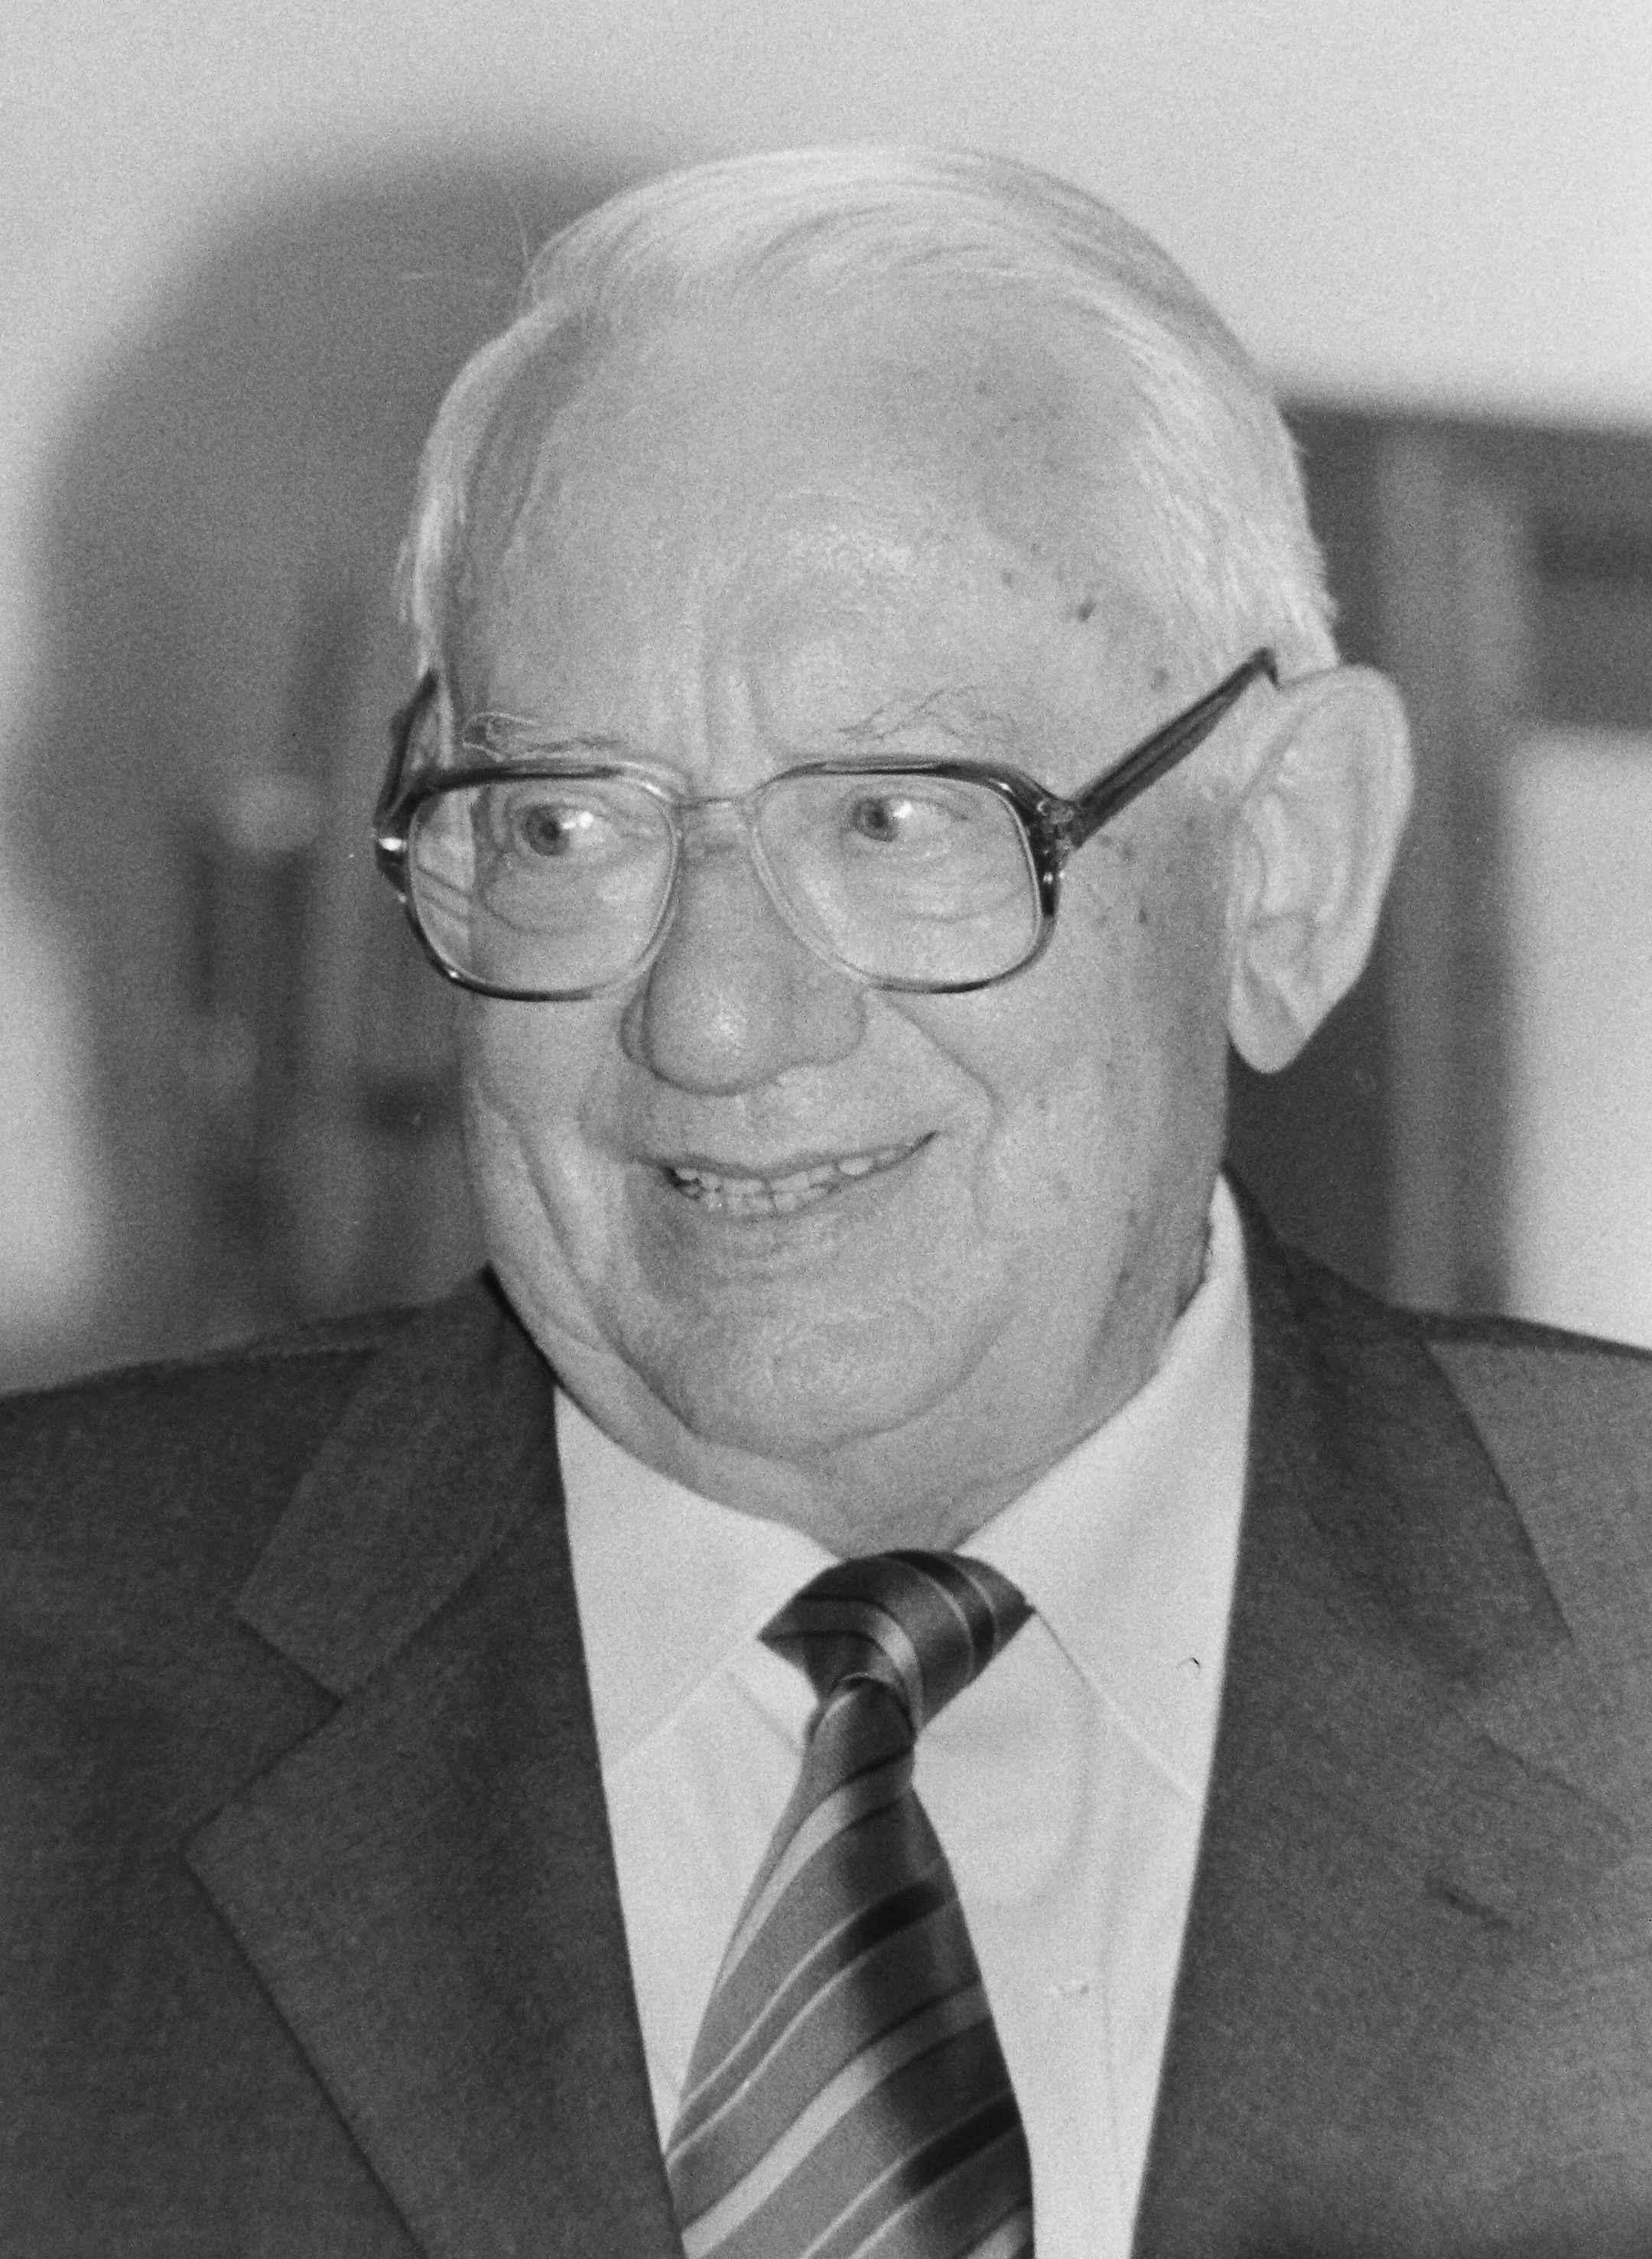 Günther Drefahl im Alter von 80 Jahren Foto: Dietmar Linke